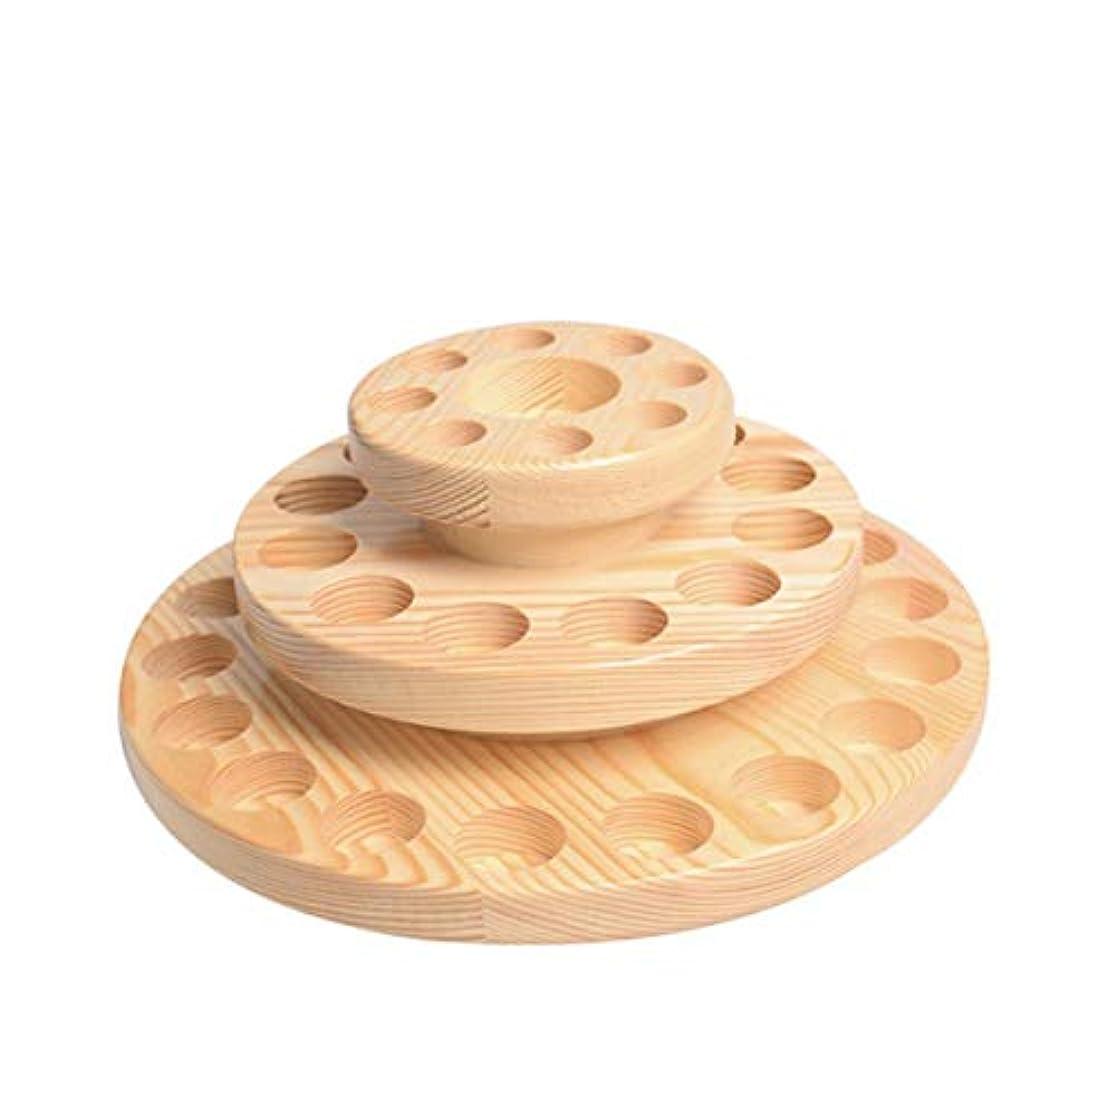 アームストロング固執手錠TINKSKY アロマオイルスタンド エッセンシャルオイル収納 精油 ディスプレイスタンド 木製 回転台 精油収納 見つけ易い 39本用